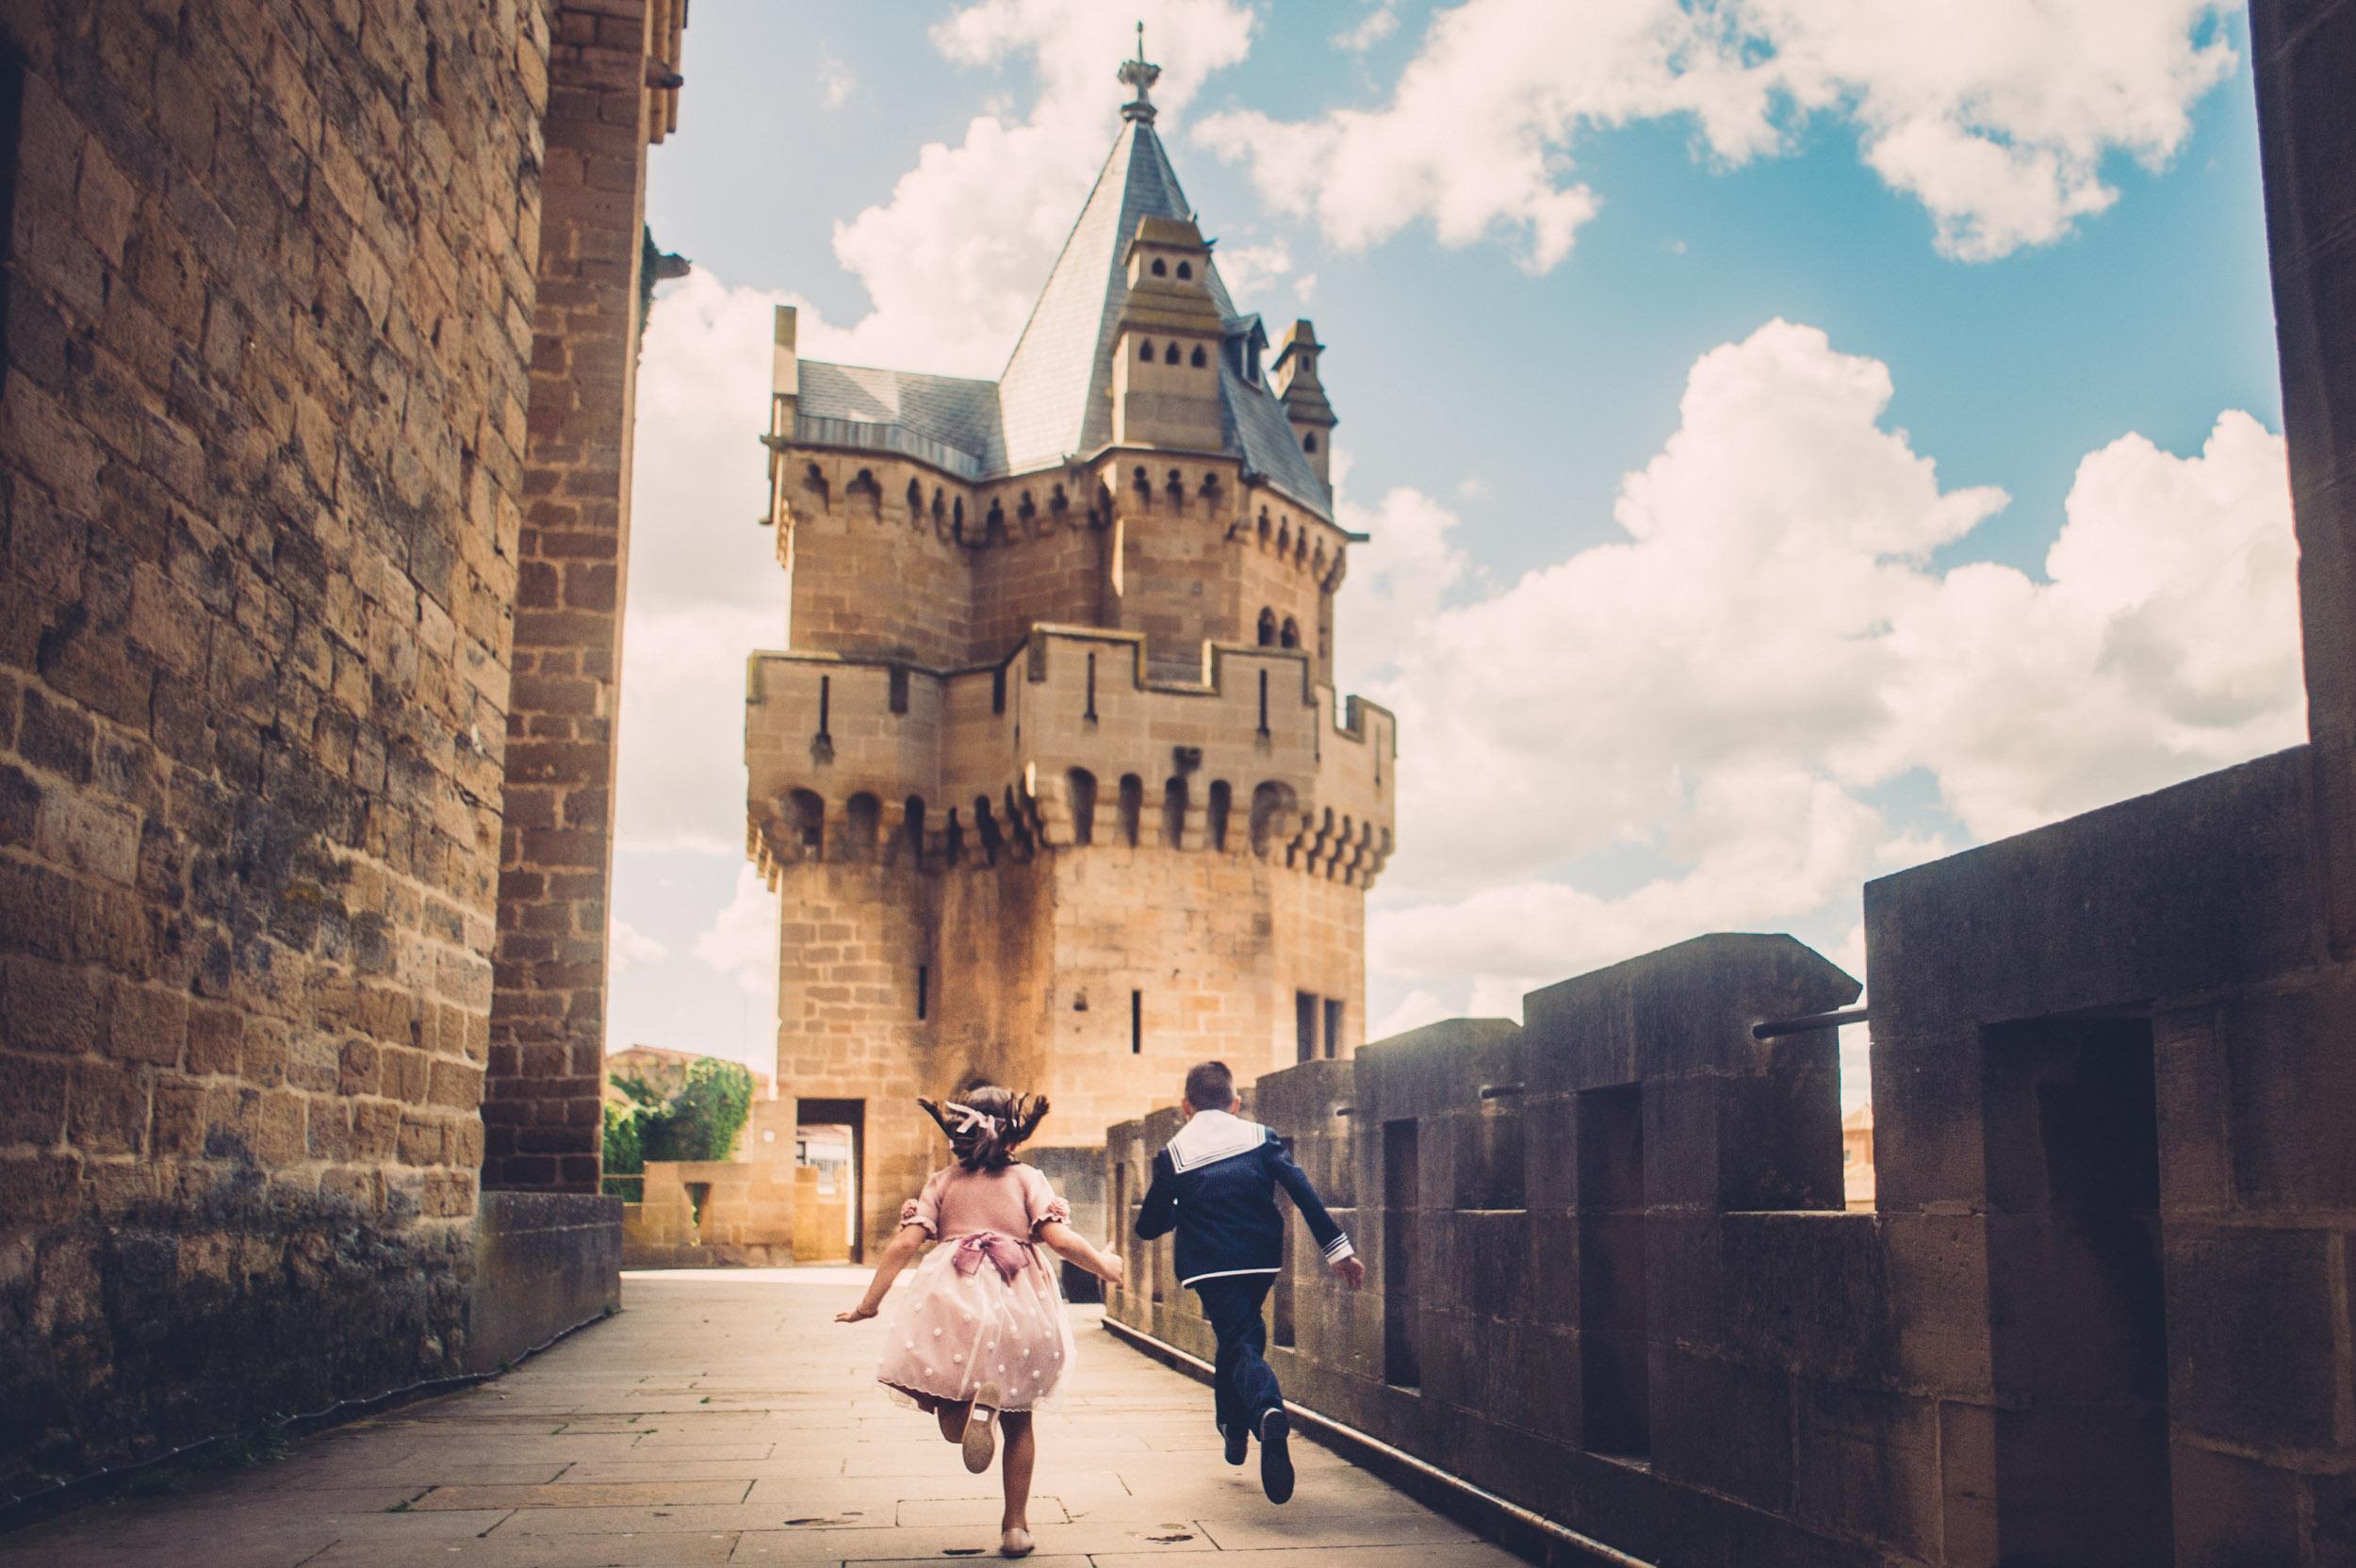 reportaje-comunion-ibai-castillo-olite-6114.jpg